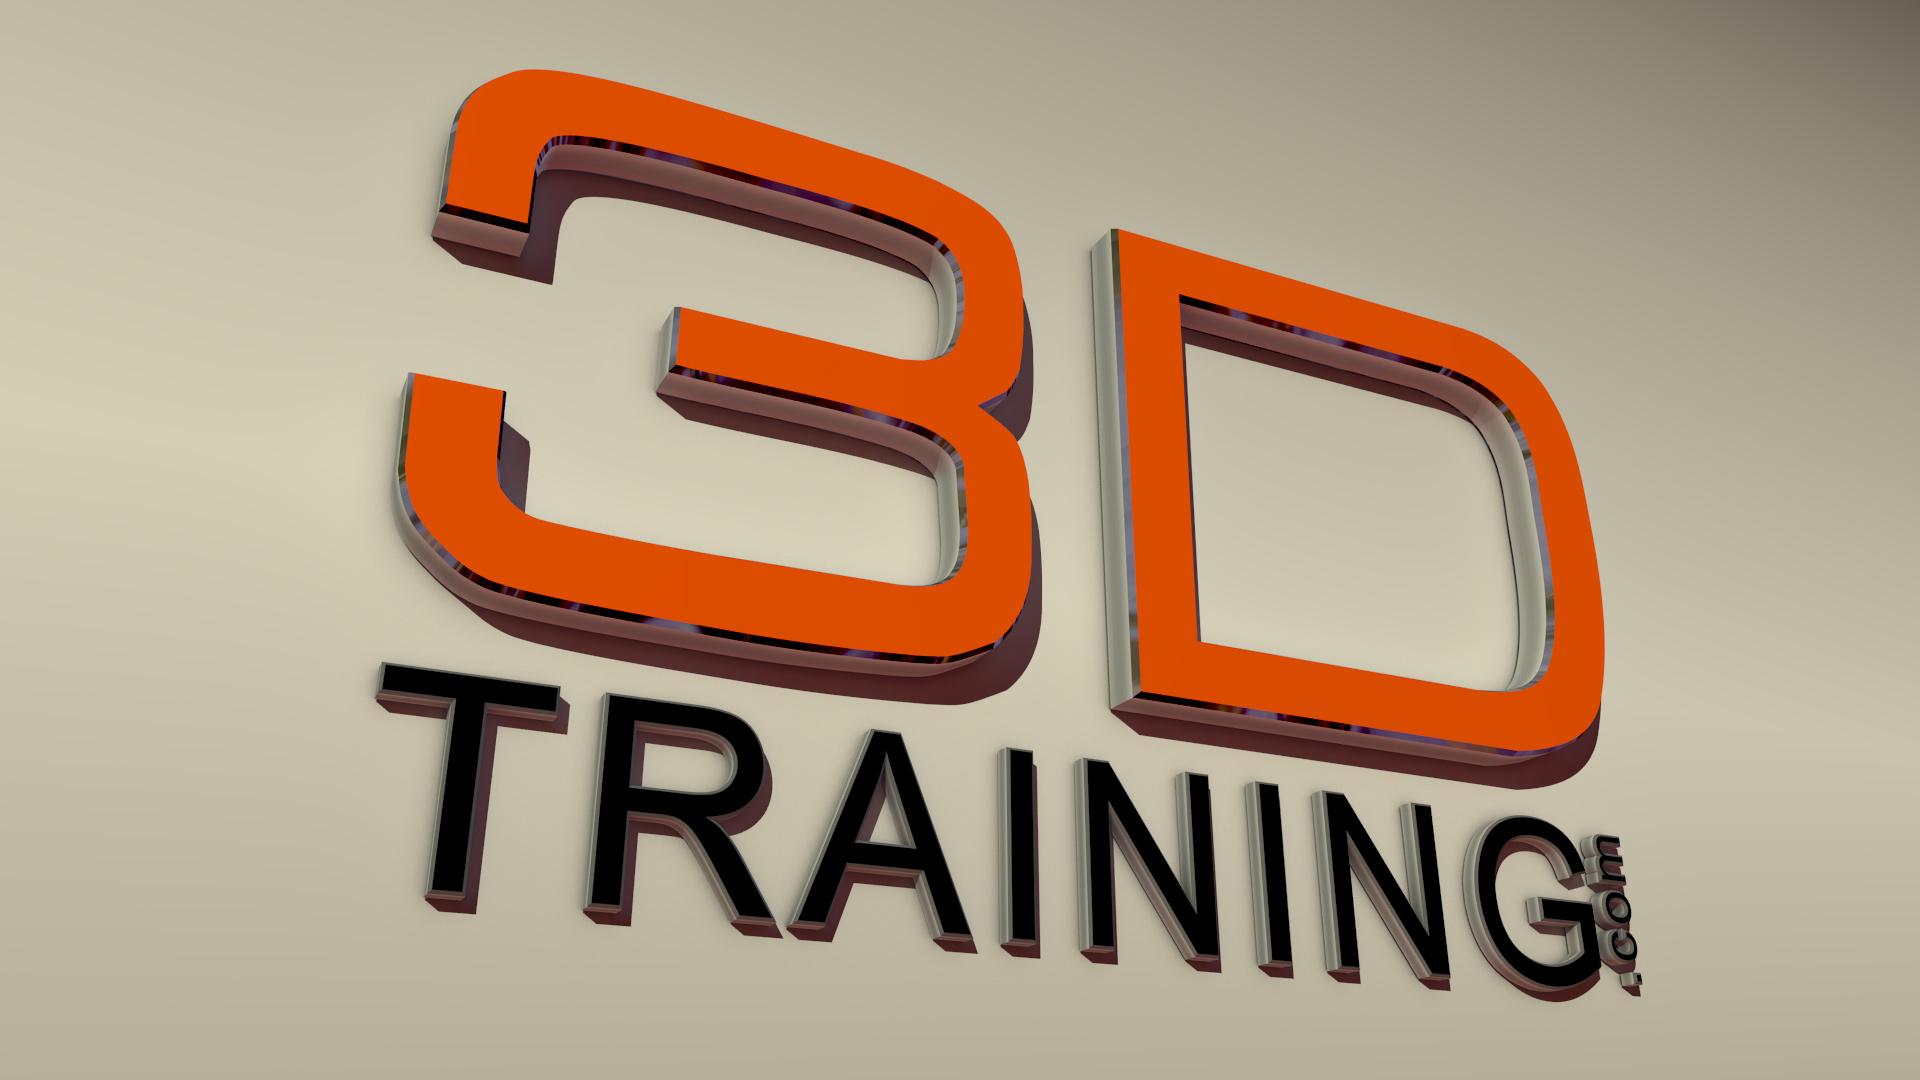 3D logo model